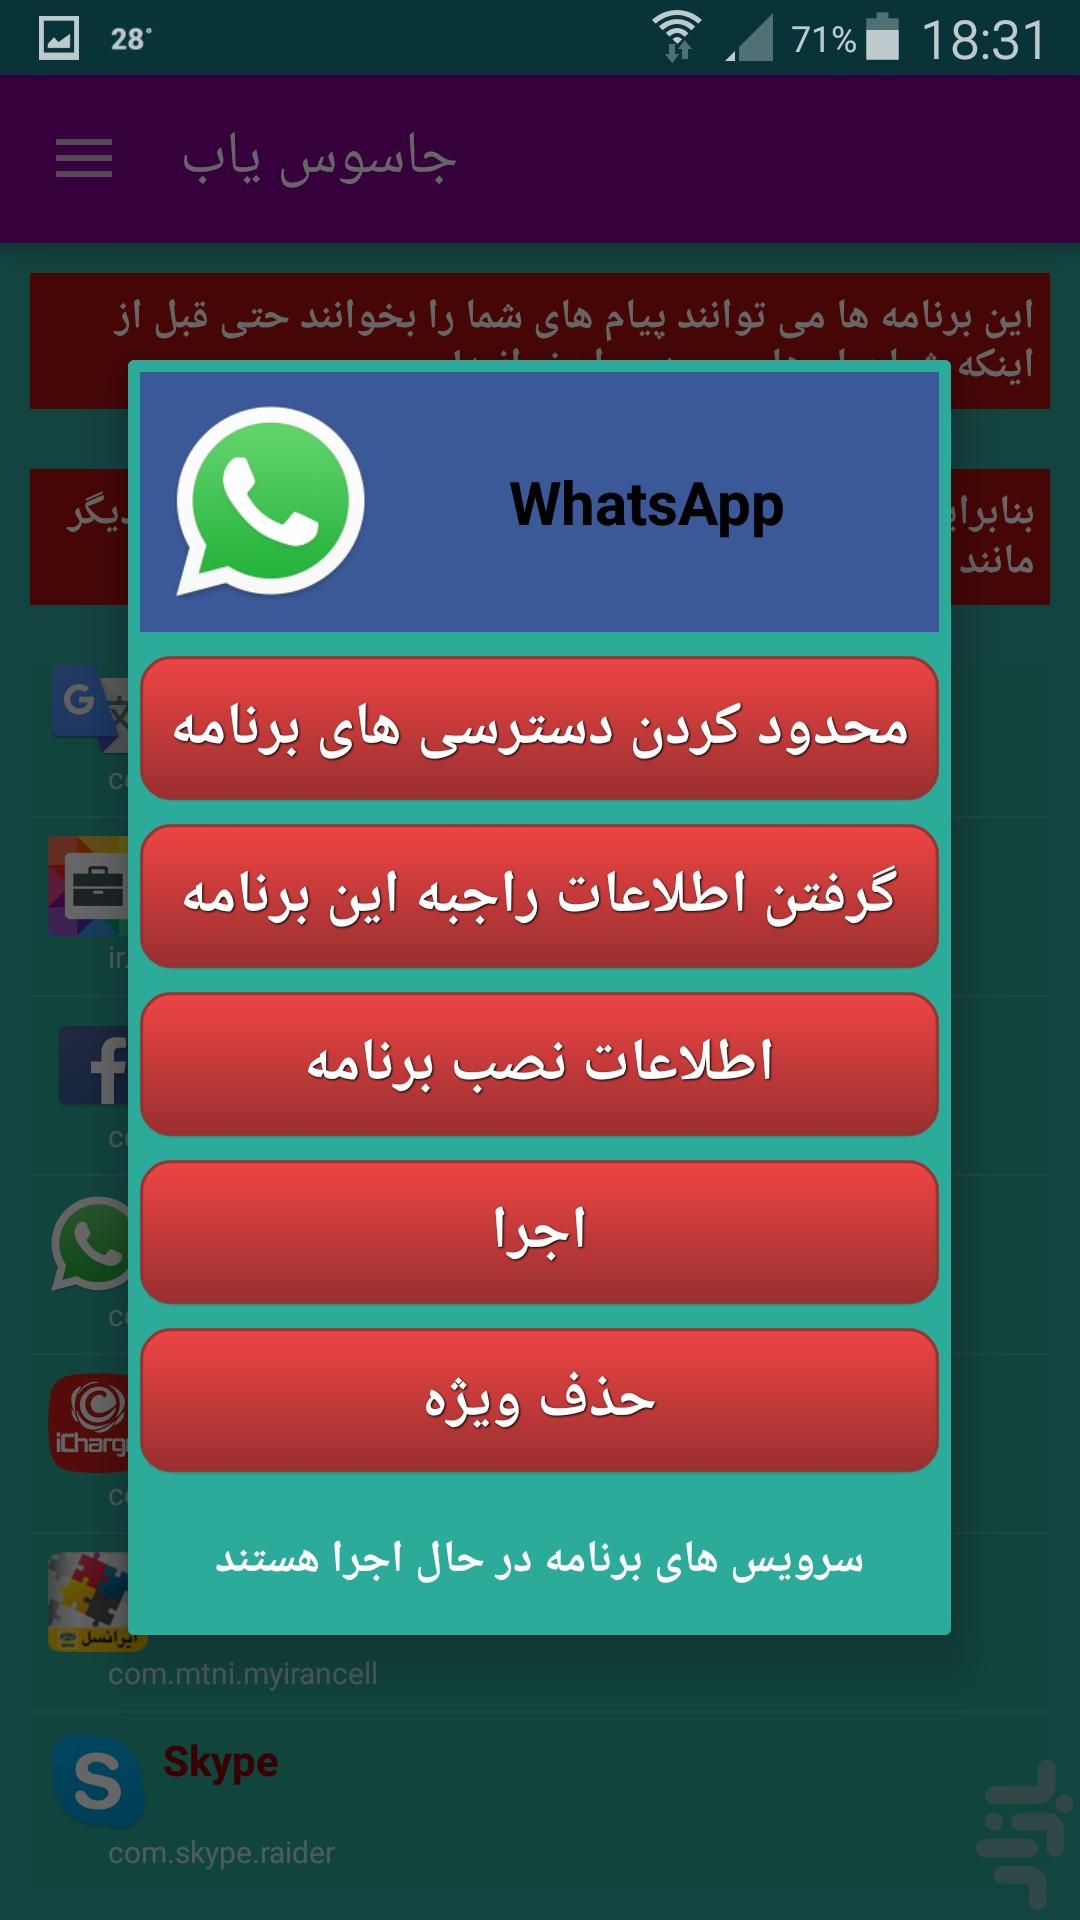 جاسوس یاب برنامه ها (ضد جاسوس و هک) screenshot